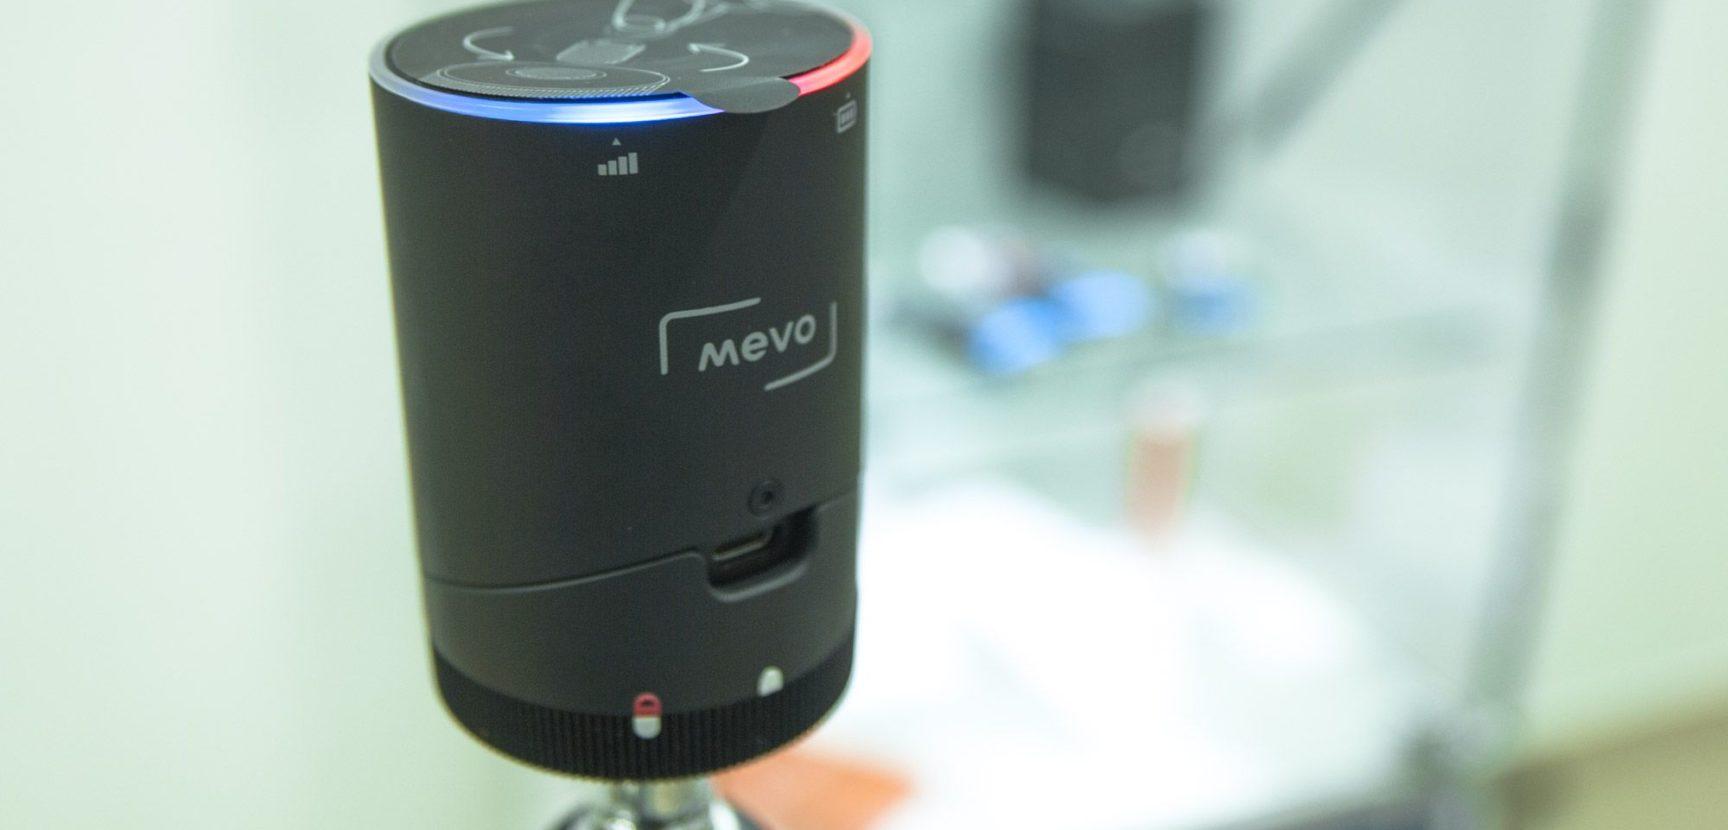 Mevo Live graba en 4K y transmite a las redes sociales